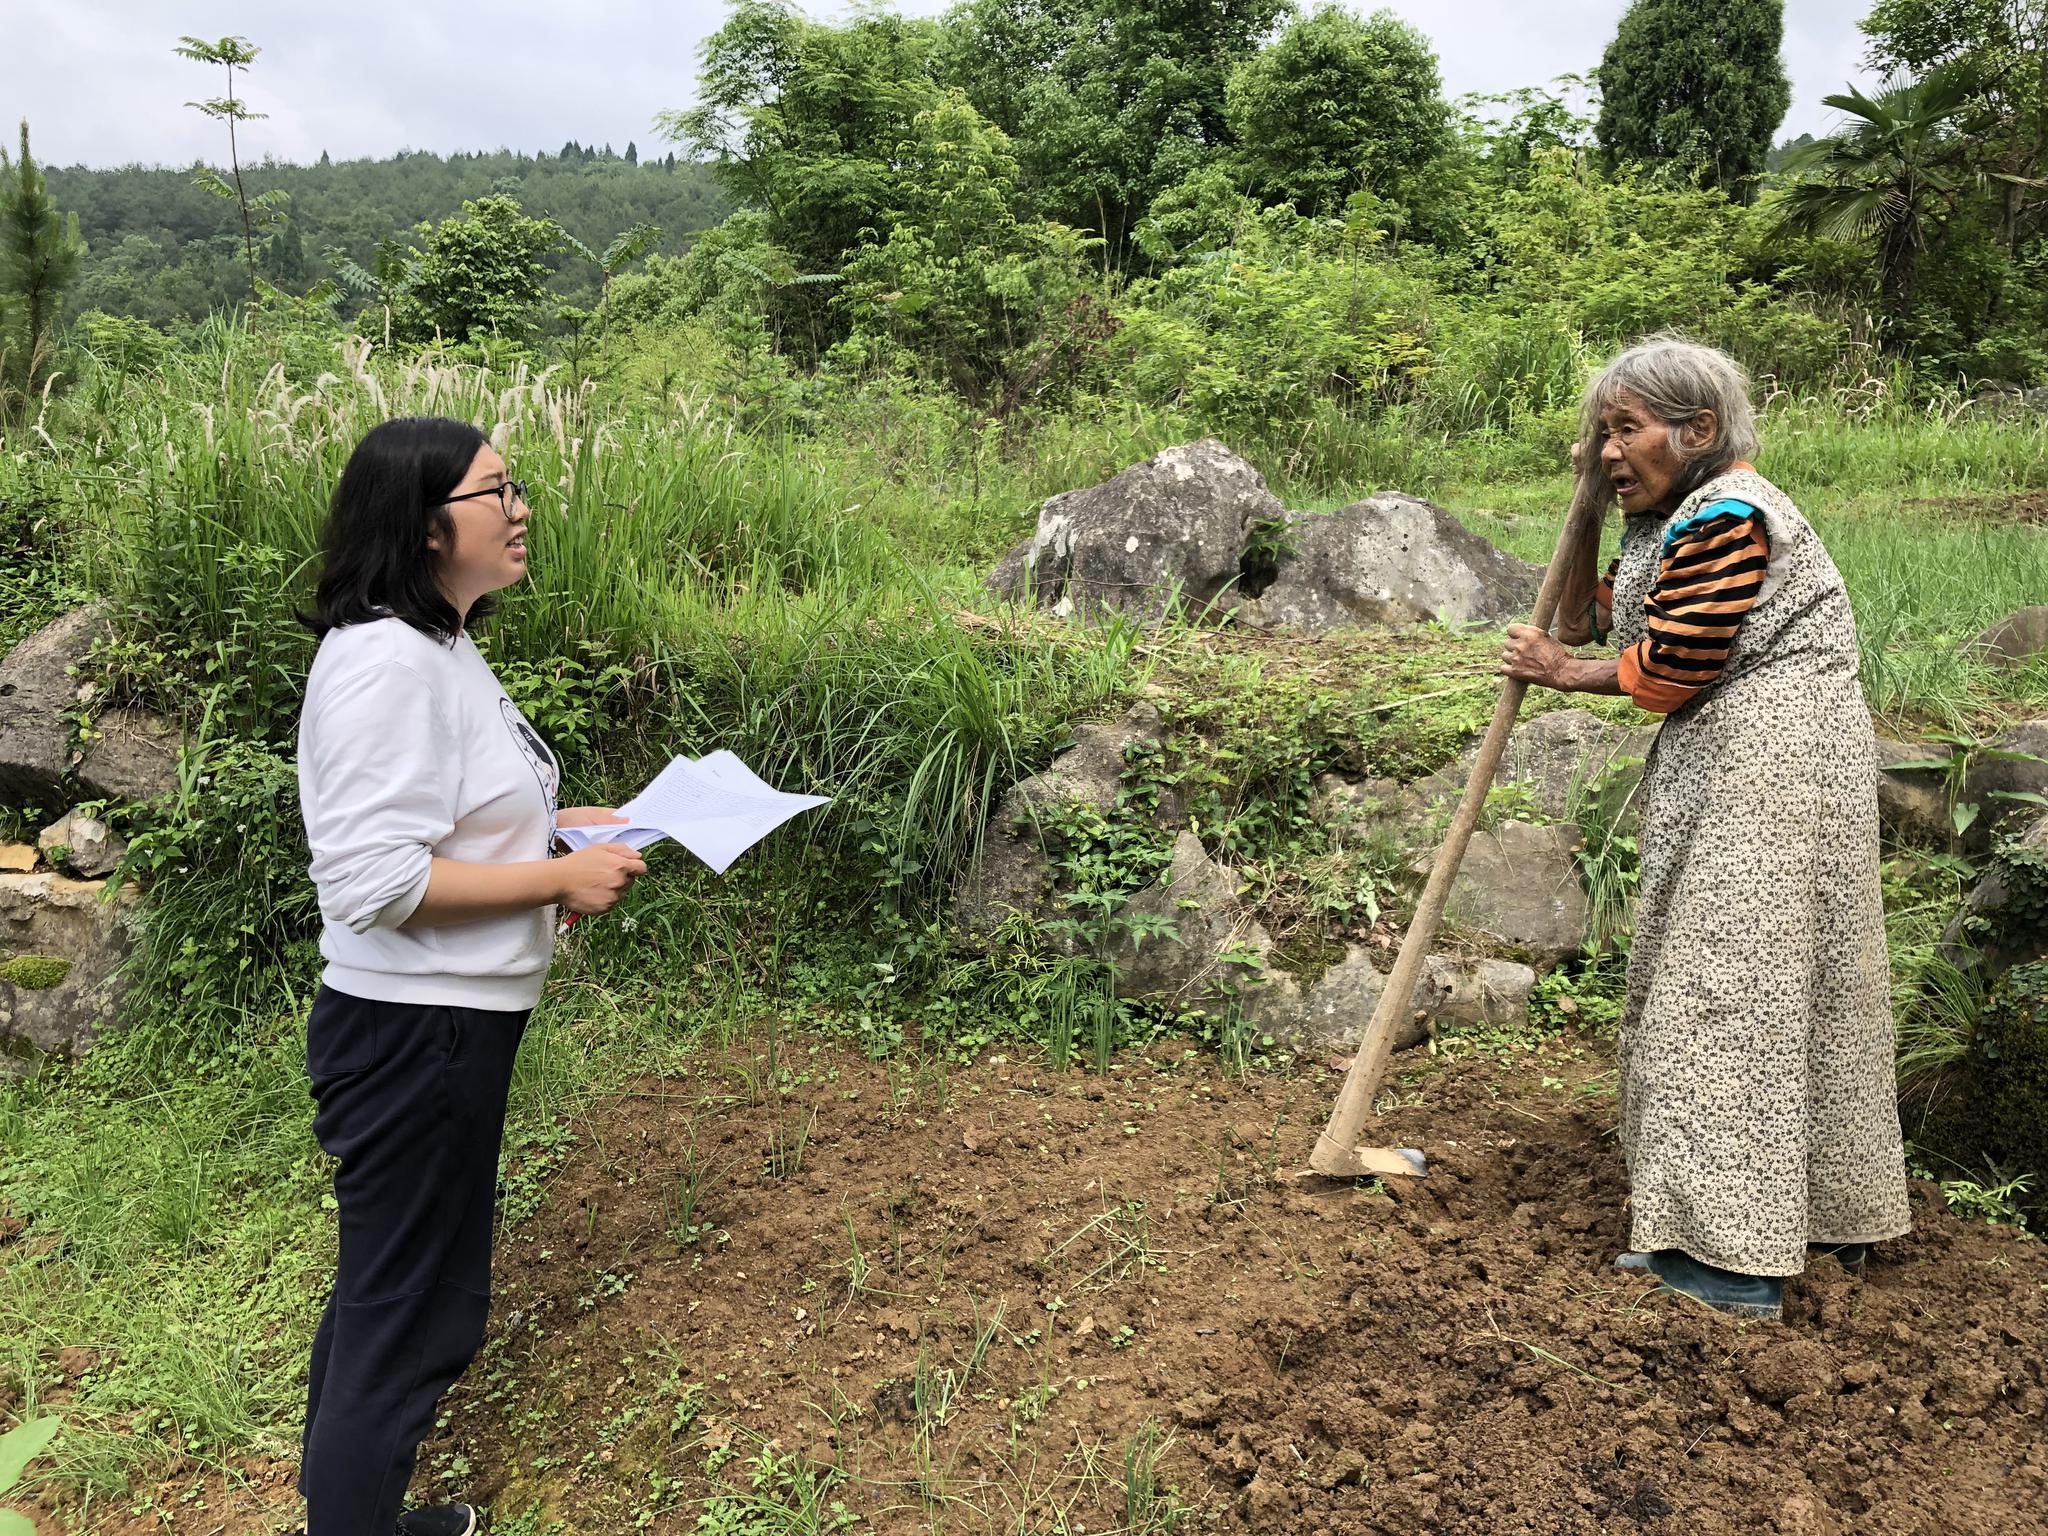 滕珍晶走访扶贫对象的工作照。 受访者供图